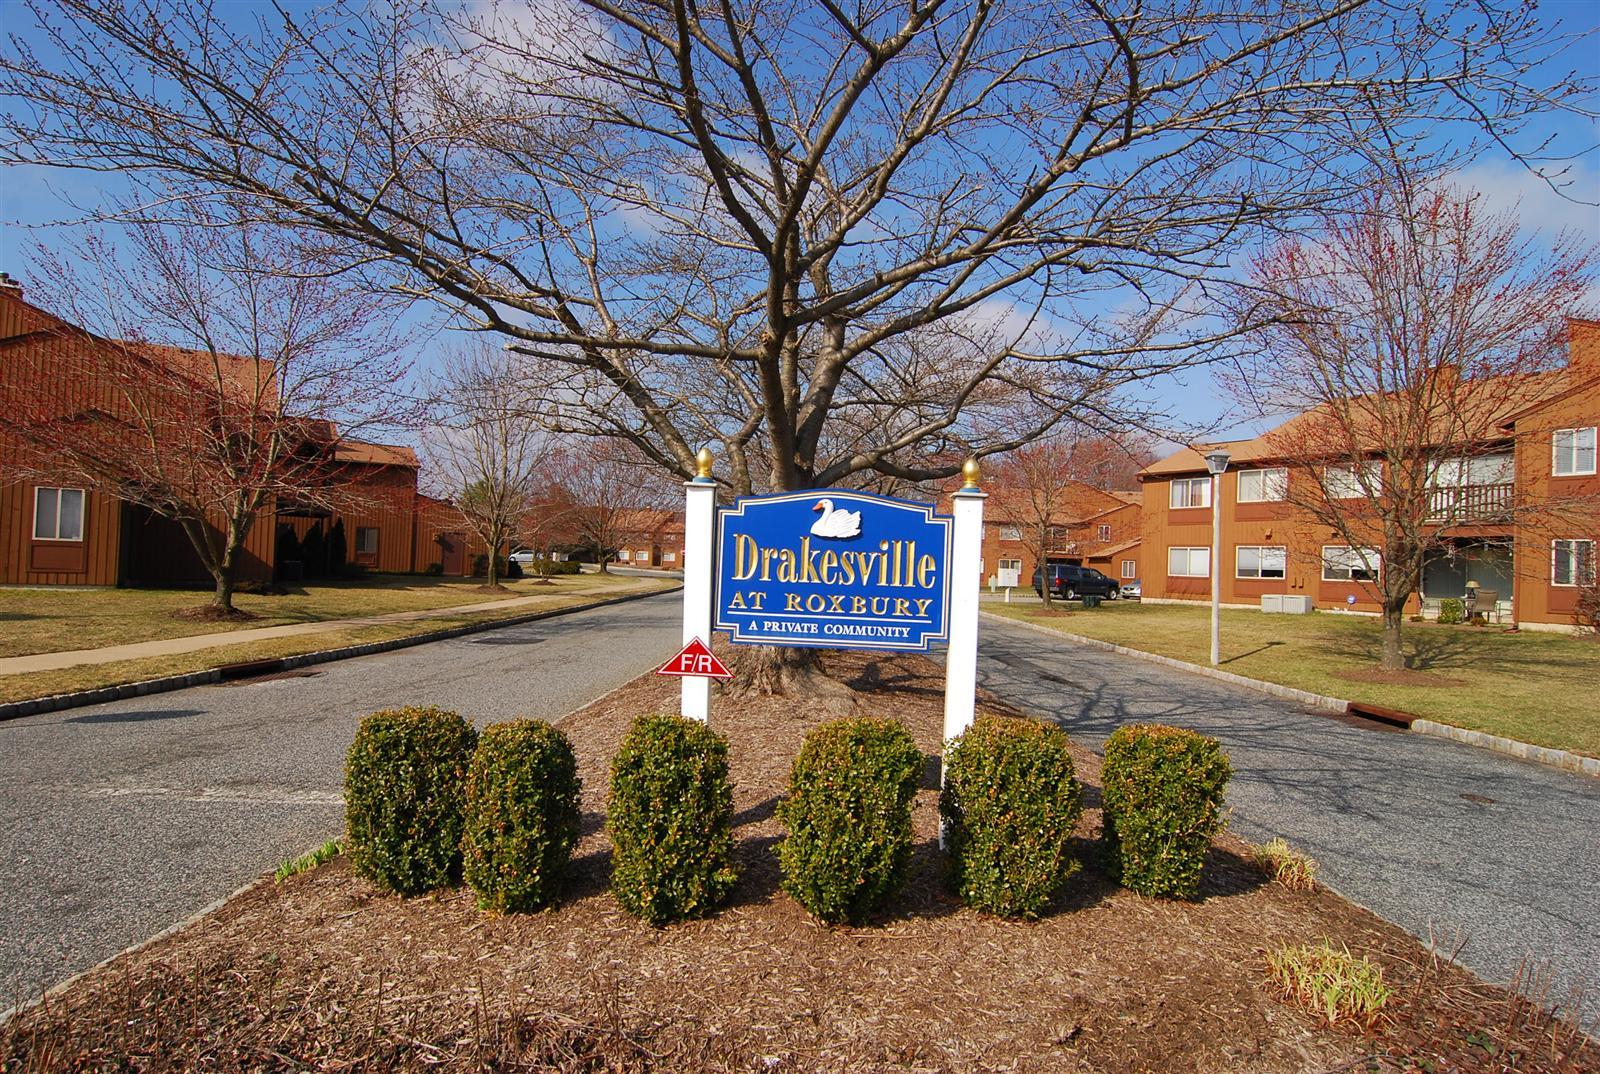 Morris Drakesville Condos Exterior